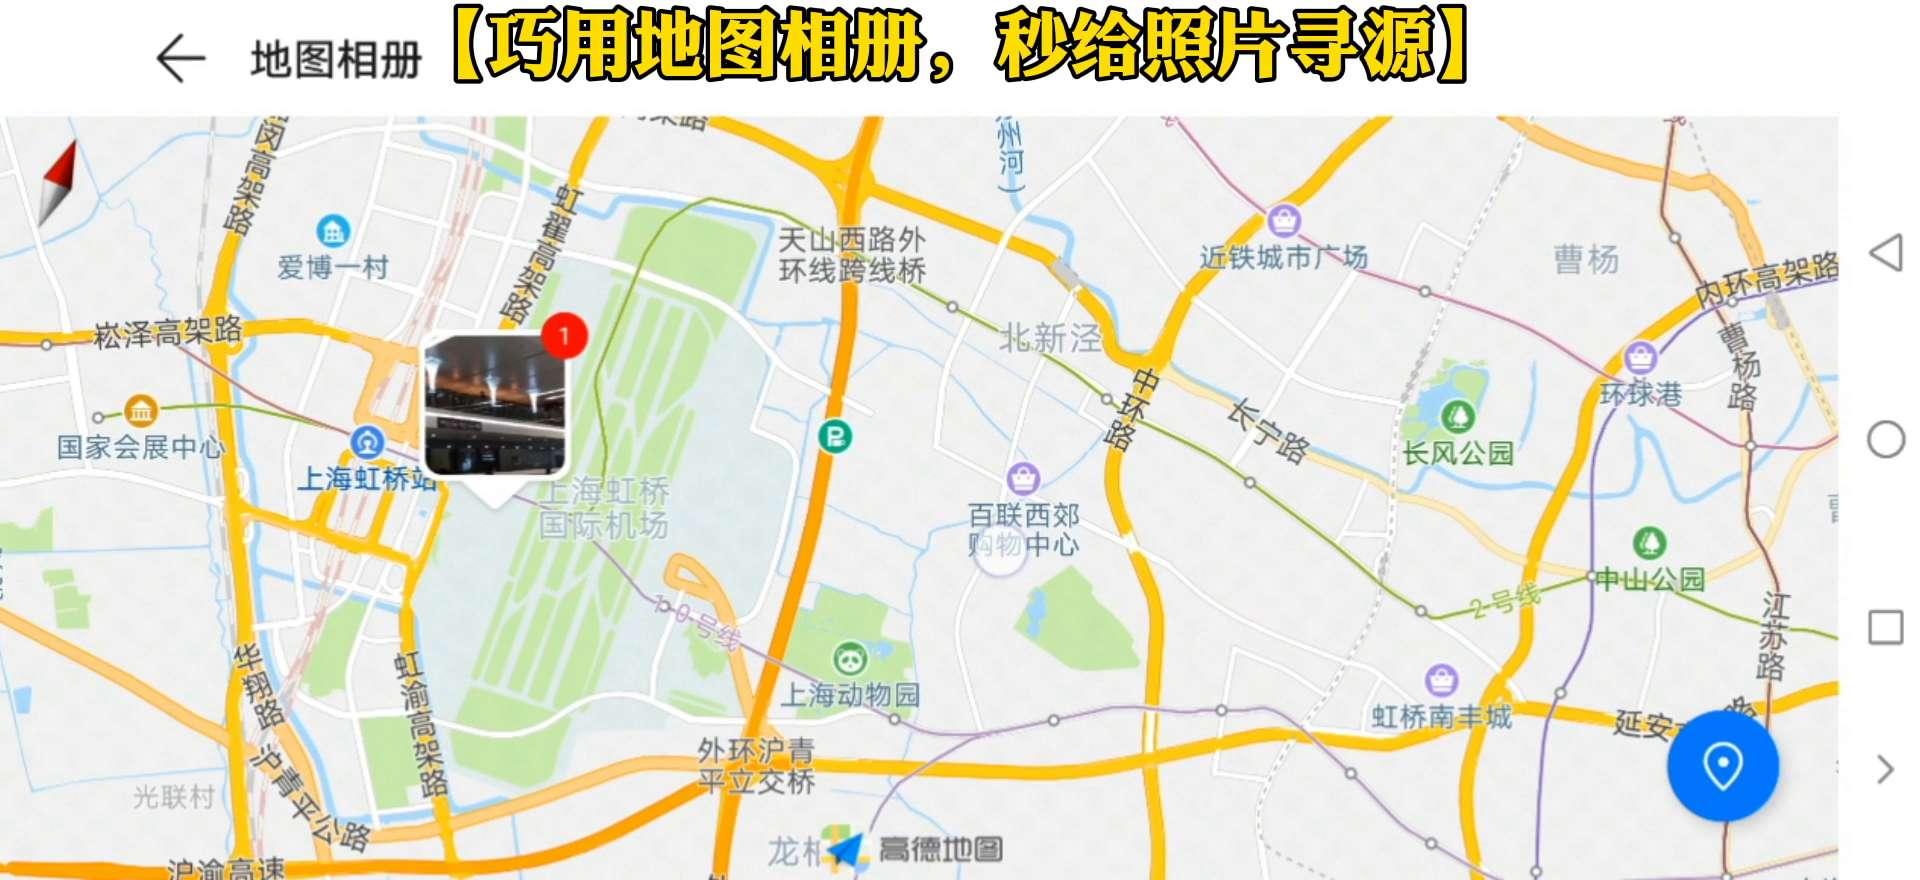 巧用地图相册,秒给照片寻源!,华为P40系列-花粉俱乐部